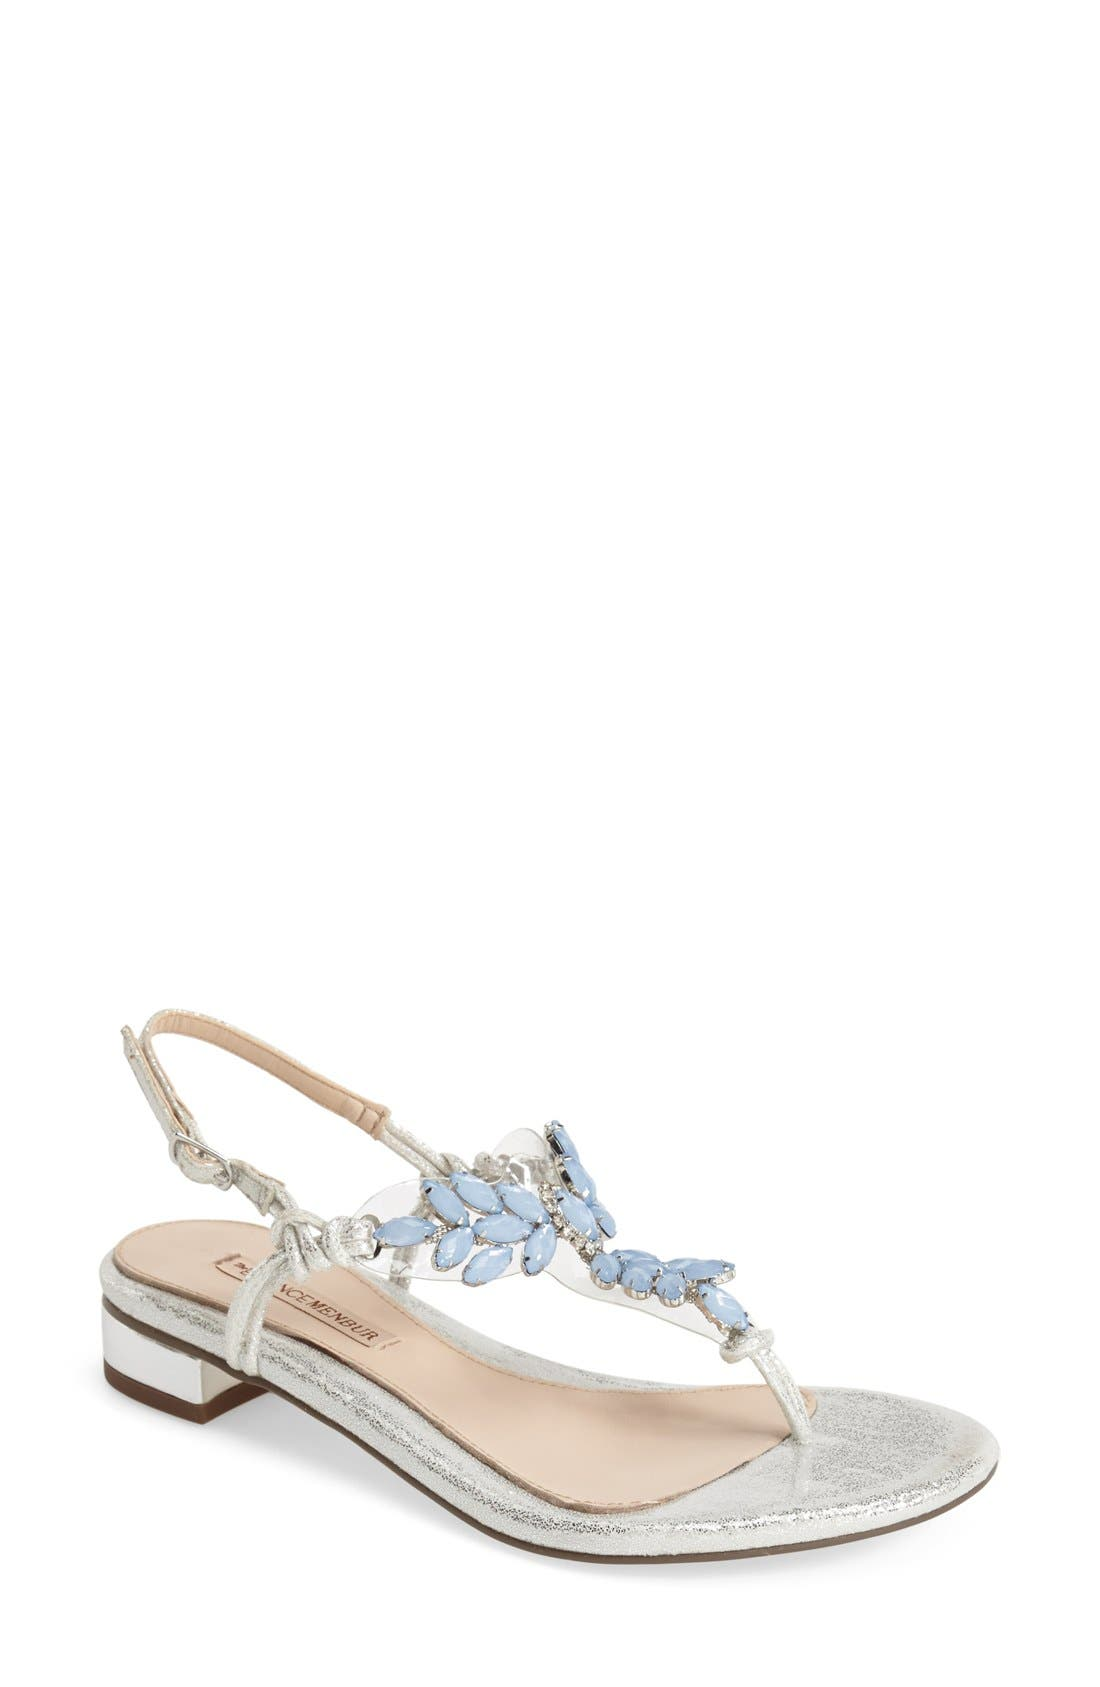 Alternate Image 1 Selected - Menbur 'Dolara' Crystal Embellished Satin Thong Sandal (Women)